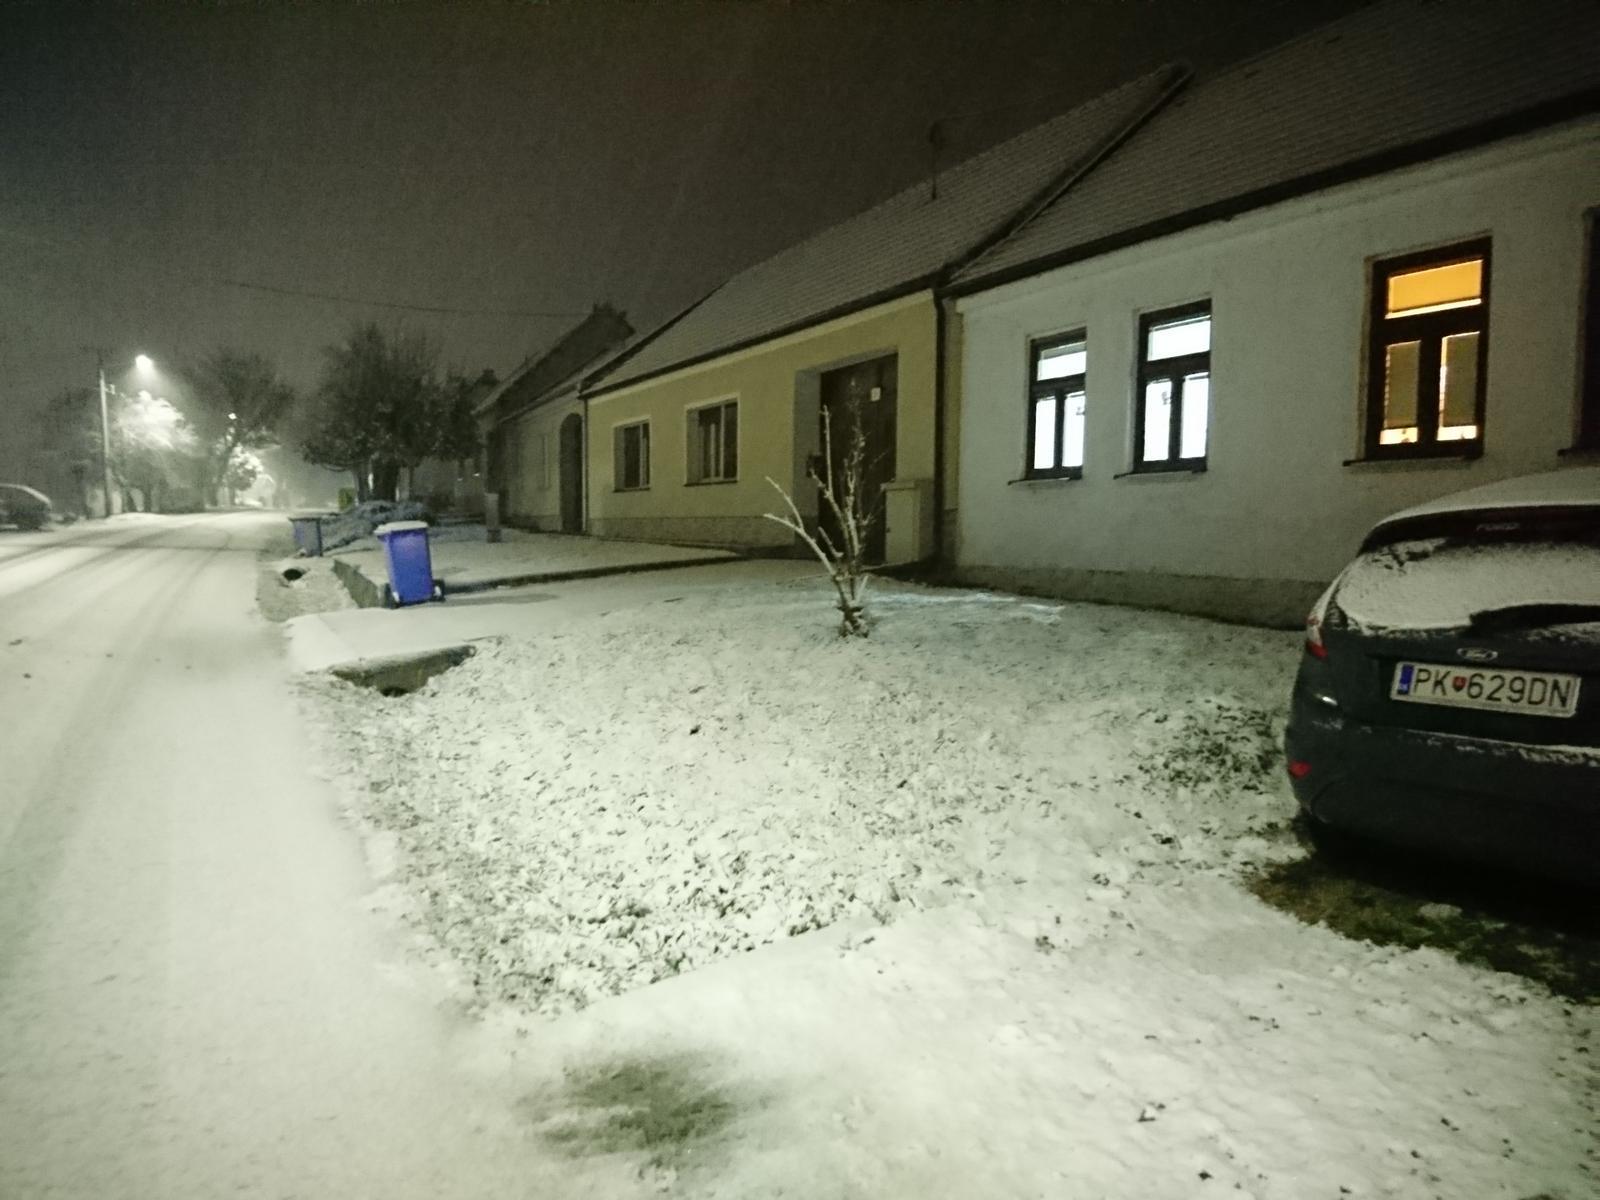 Náš domček - Snežíí:))